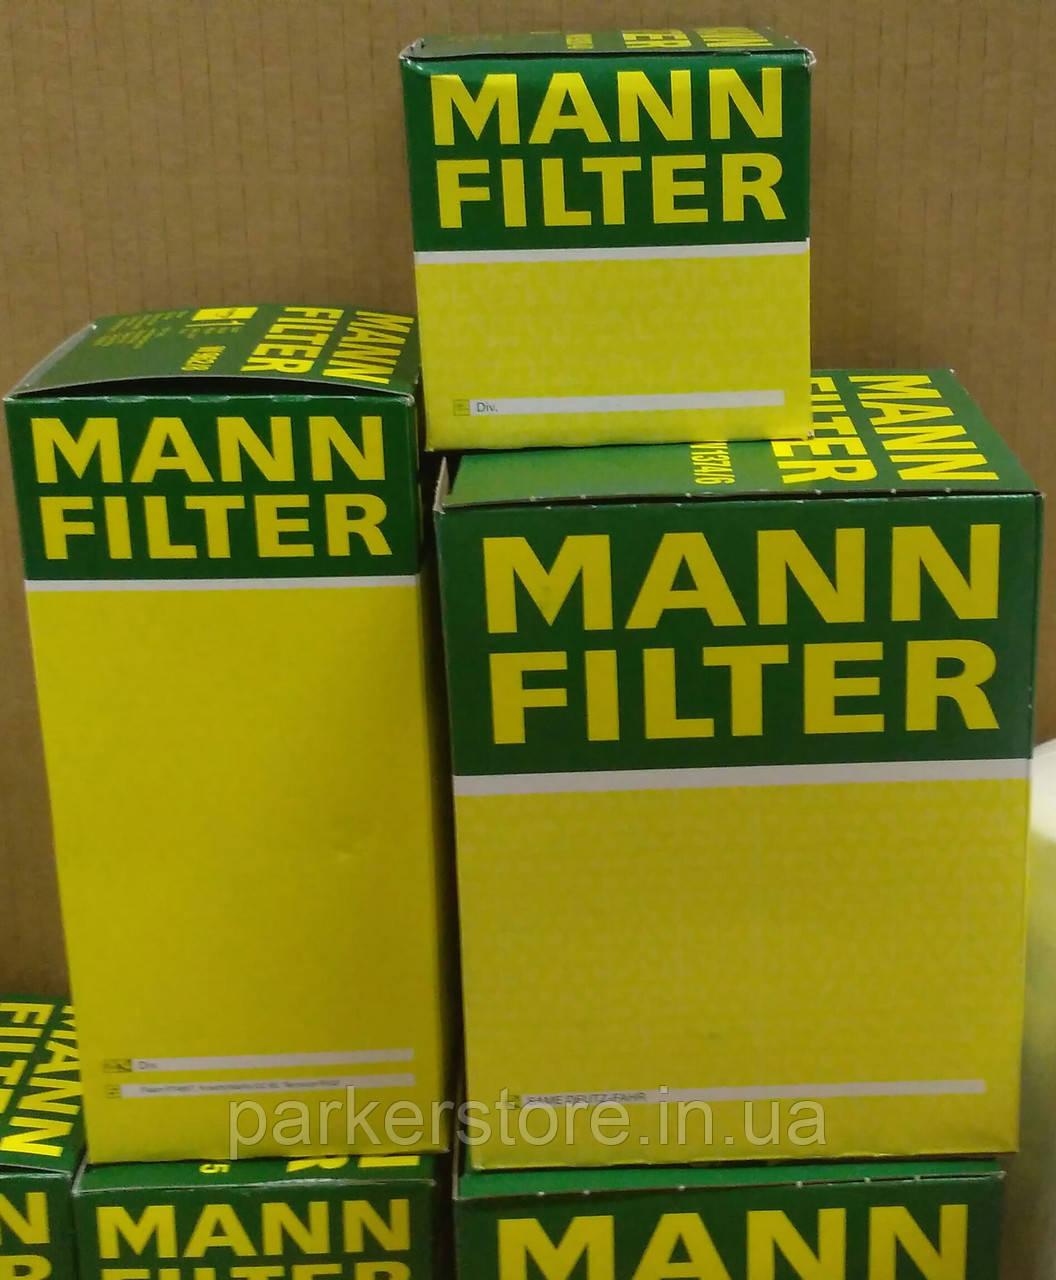 MANN FILTER / Воздушный фильтр / C 17 100 / C17100